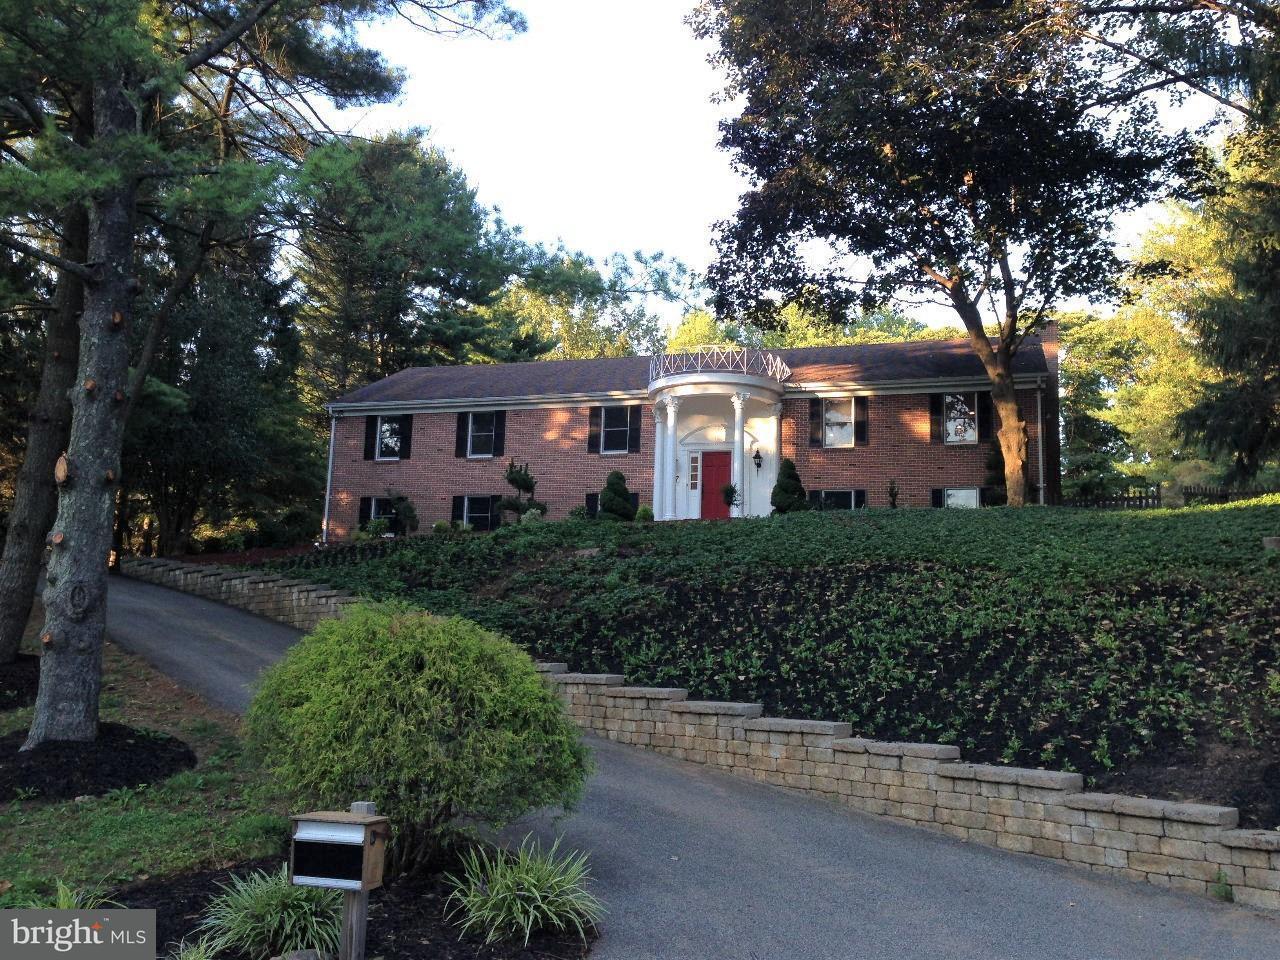 Частный односемейный дом для того Продажа на 7 HOLLY BRANCH Court 7 HOLLY BRANCH Court Glen Arm, Мэриленд 21057 Соединенные Штаты